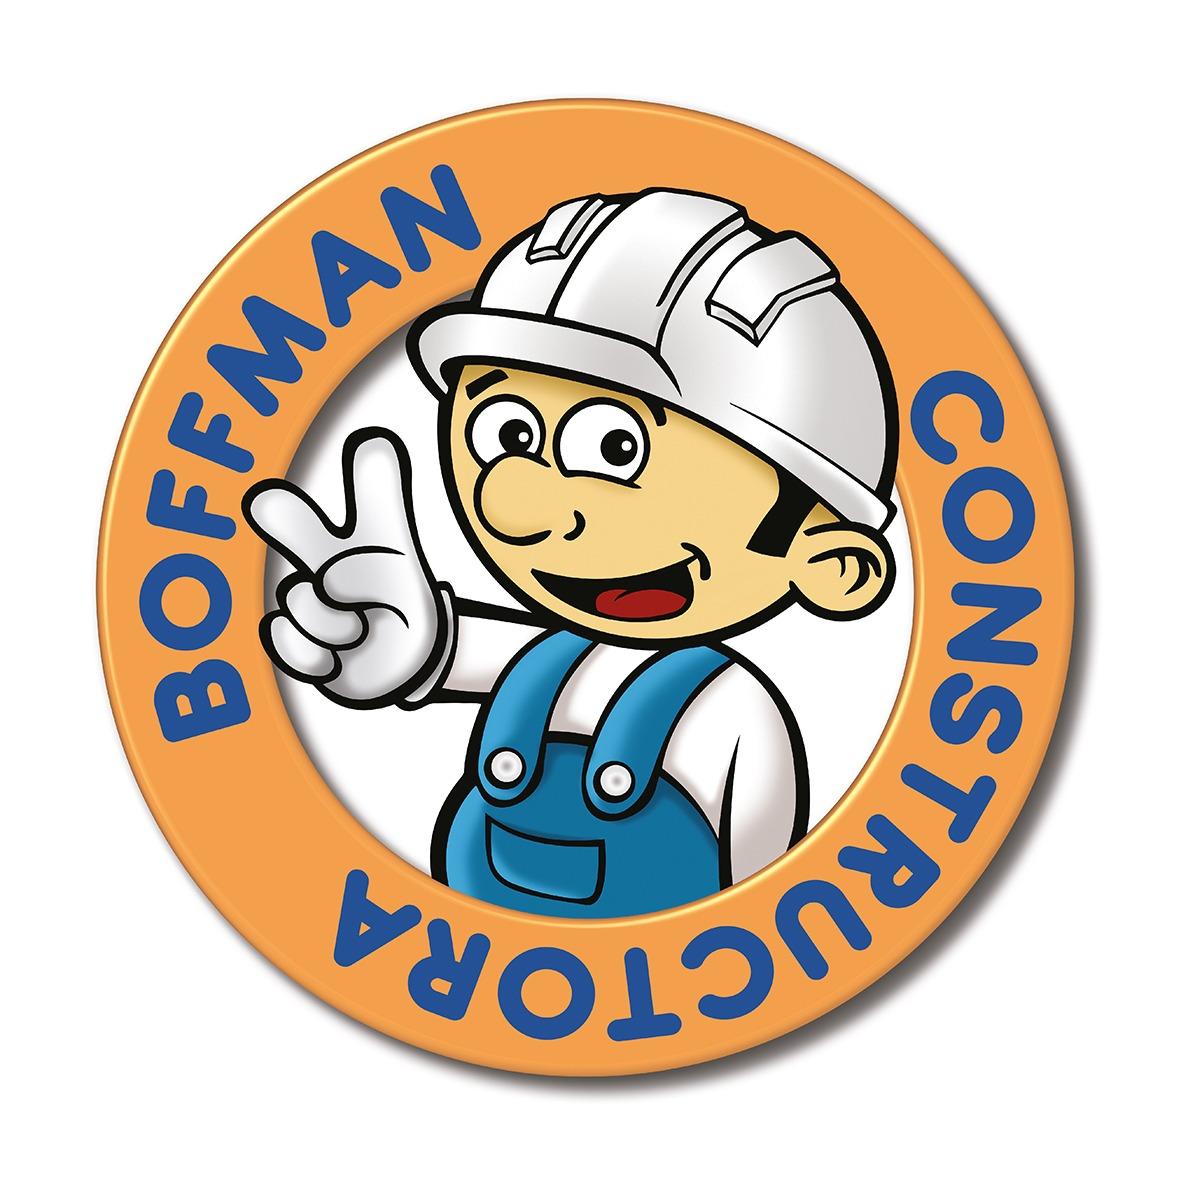 E.M. BOFFMAN